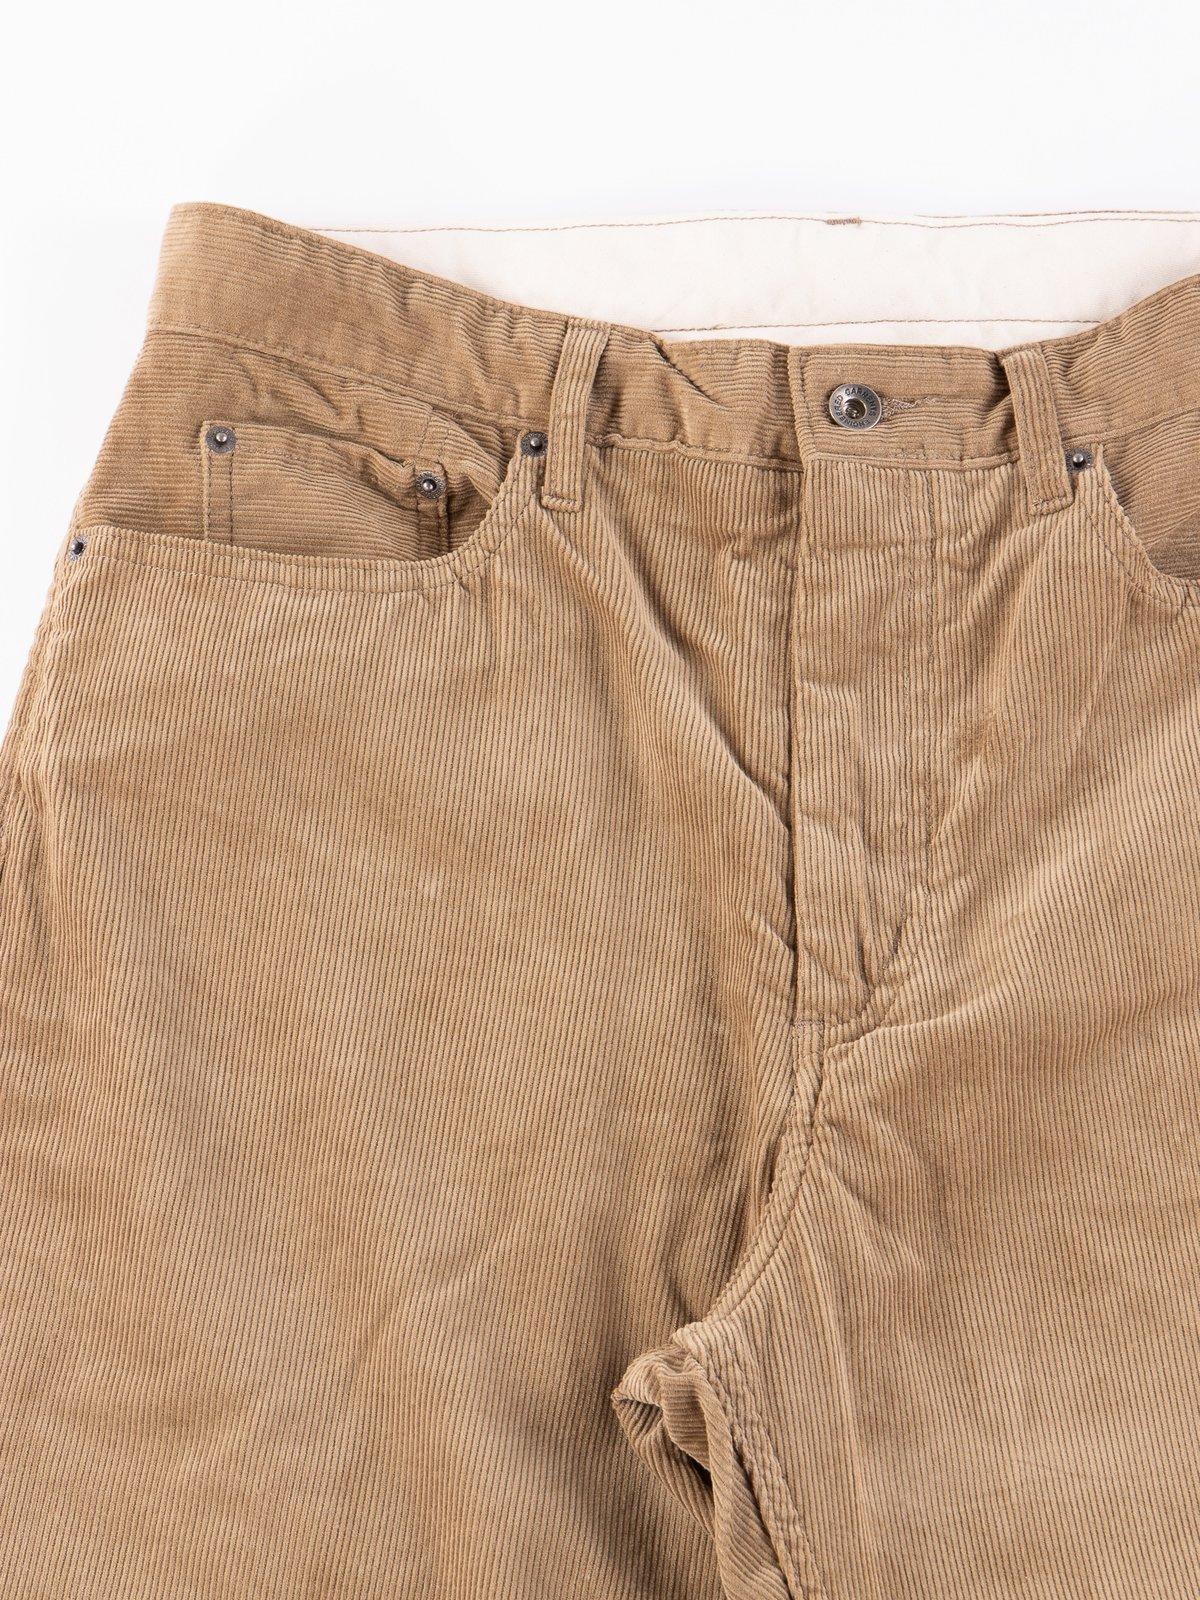 Khaki 14W Corduroy Wide Peg Jean - Image 3